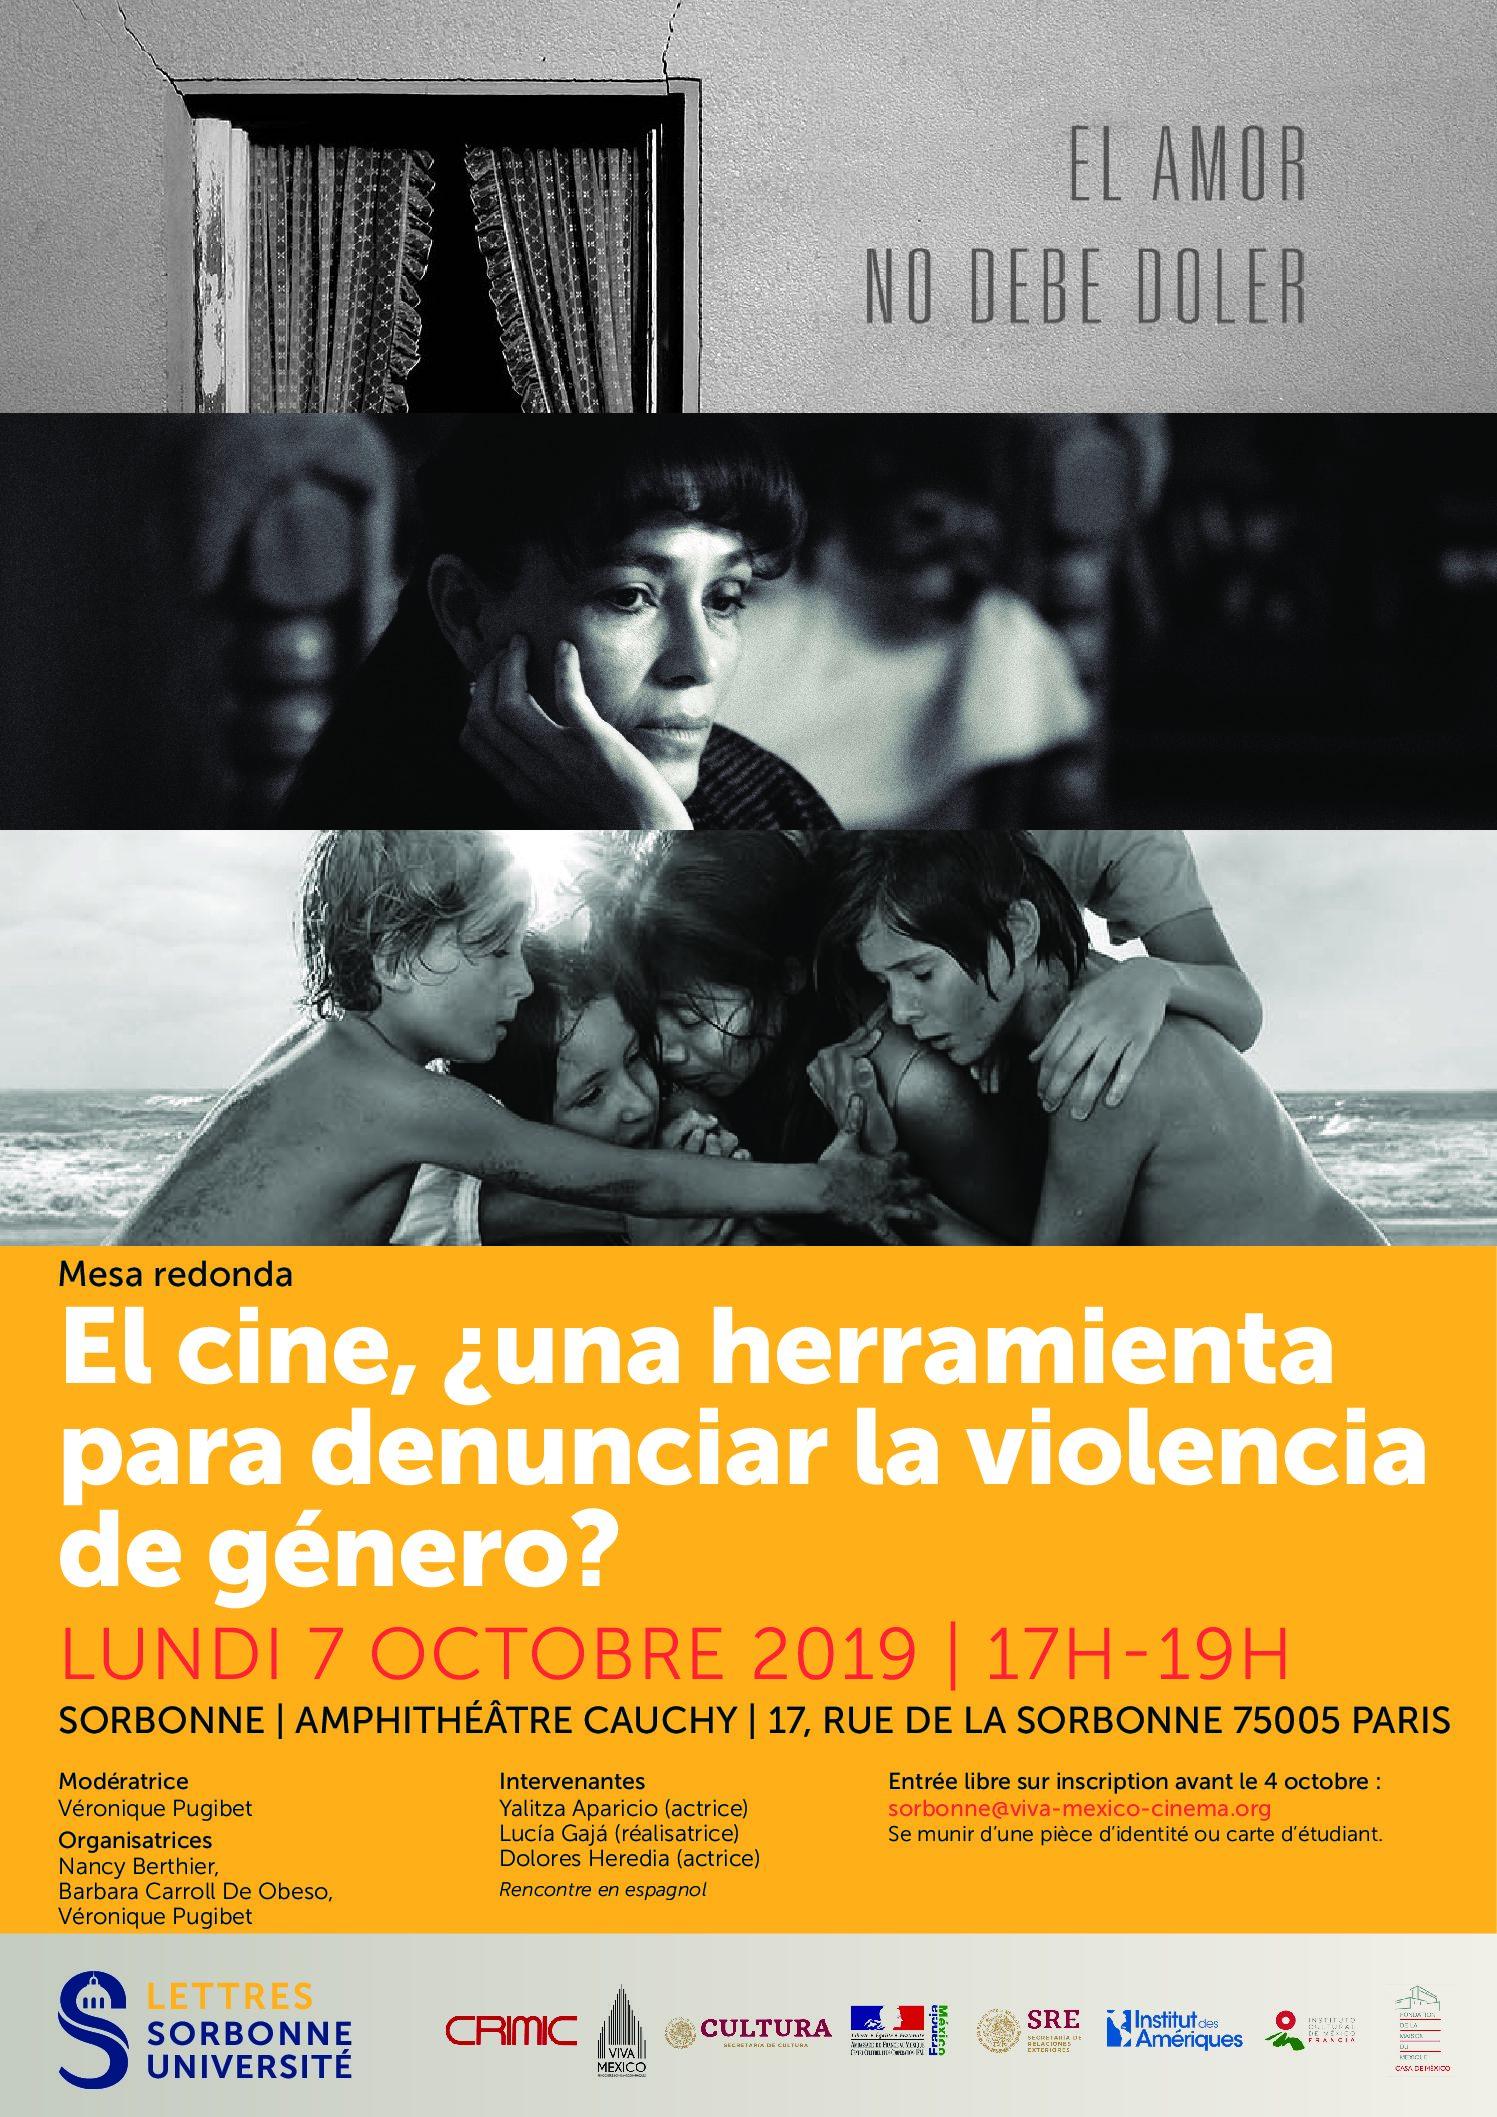 Mesa redonda: el cine, ¿una herramienta contra la violencia de género?